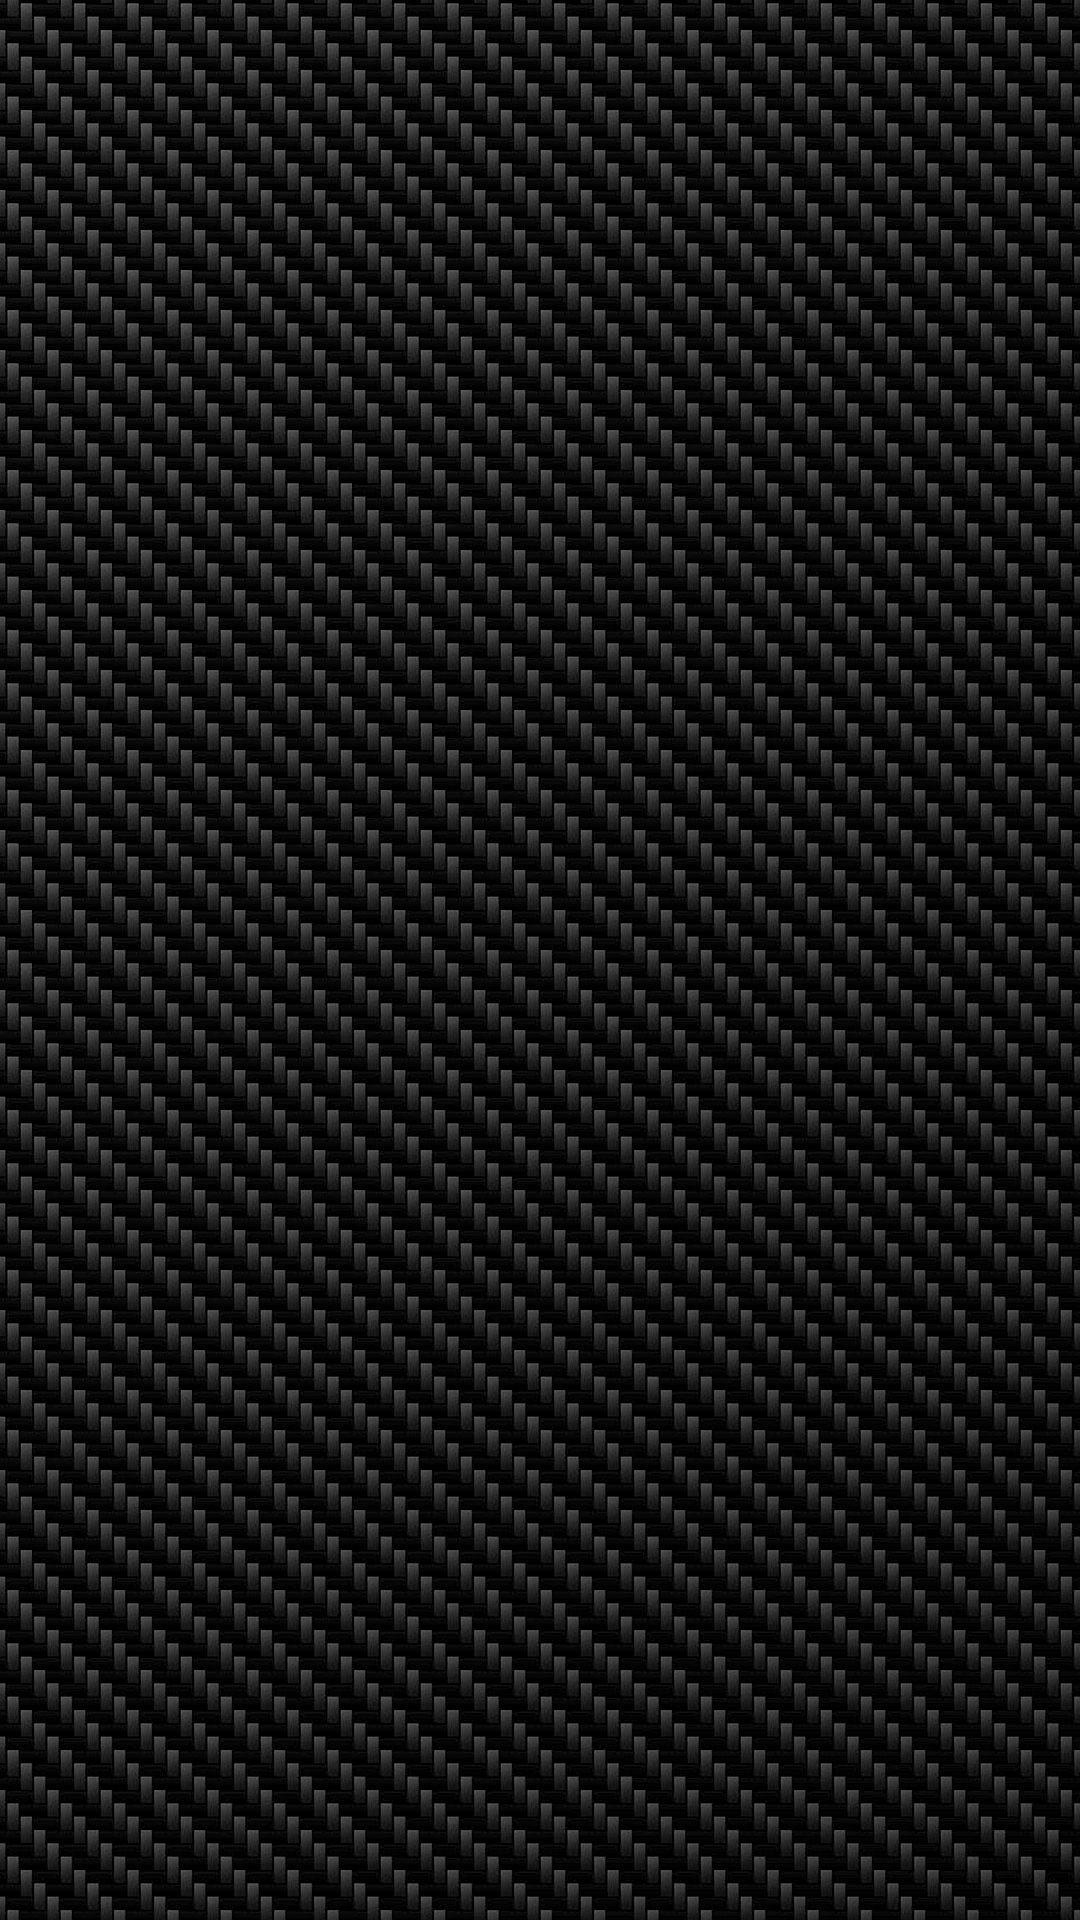 Iphone 6s Carbon Fiber Wallpaper Black Carbon Wallpaper 183 ① Wallpapertag